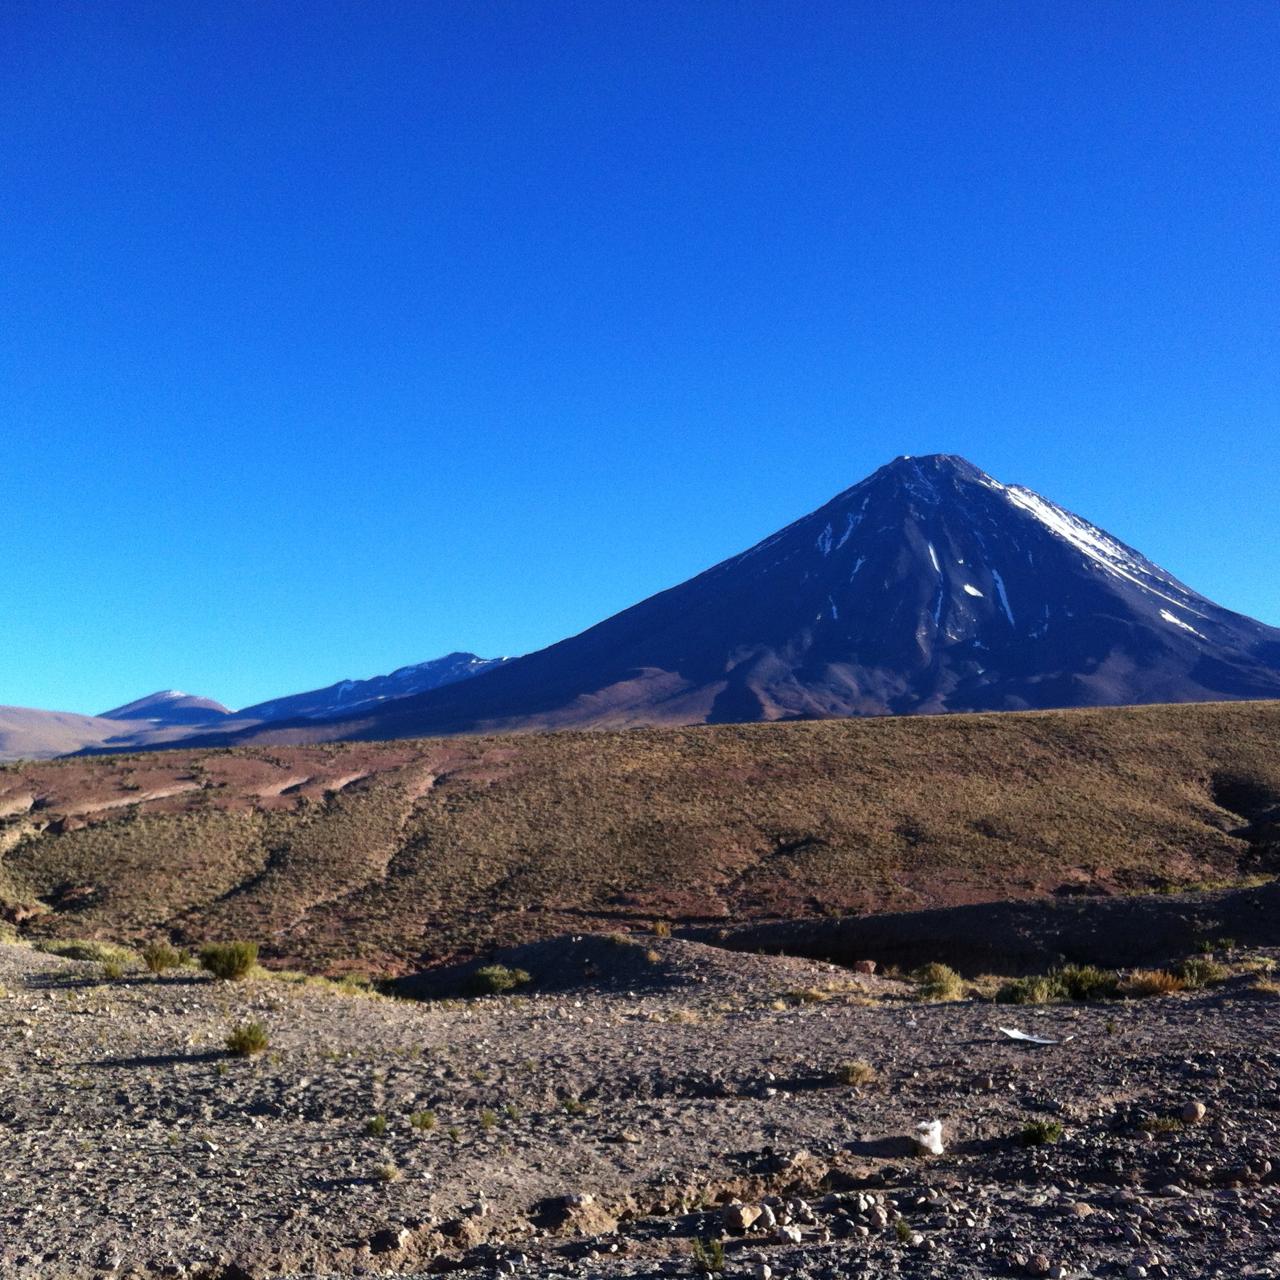 MEU vulcão!!! Licancabur! Hei de voltar para subir você